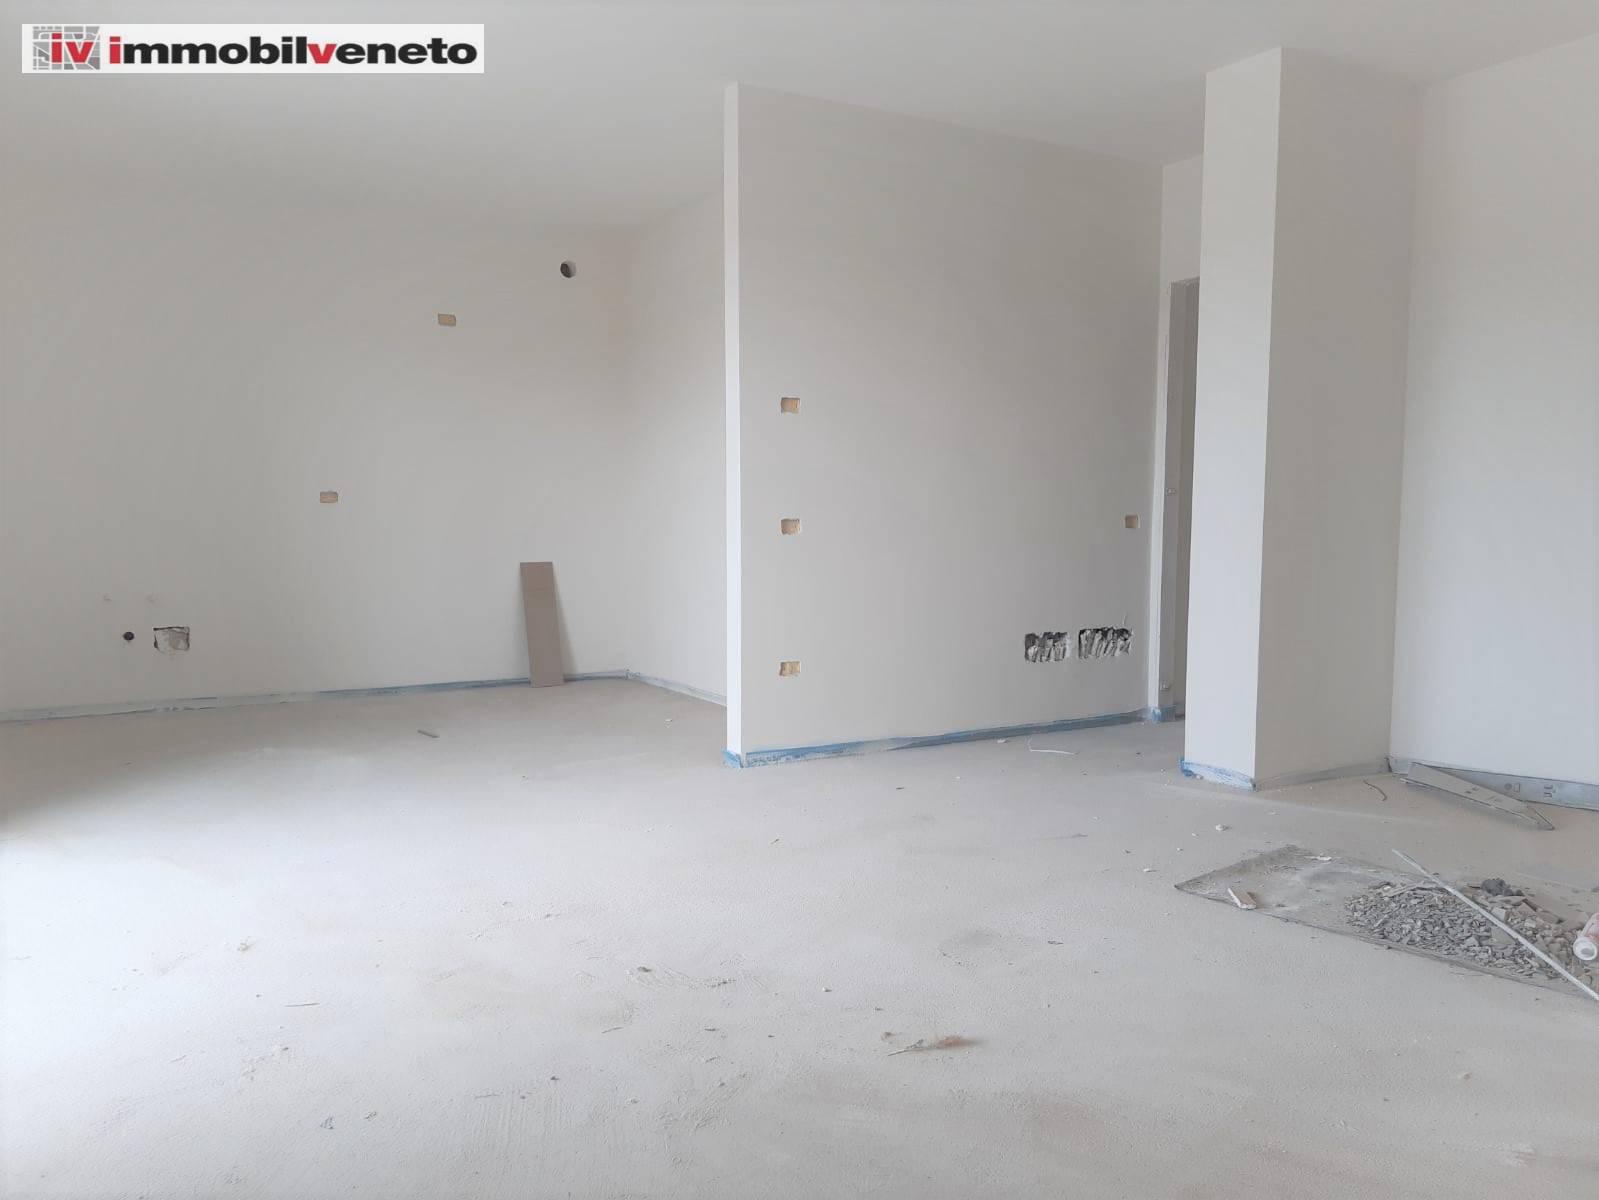 Appartamento in vendita a Sarego, 6 locali, zona Zona: Meledo, prezzo € 198.000 | CambioCasa.it